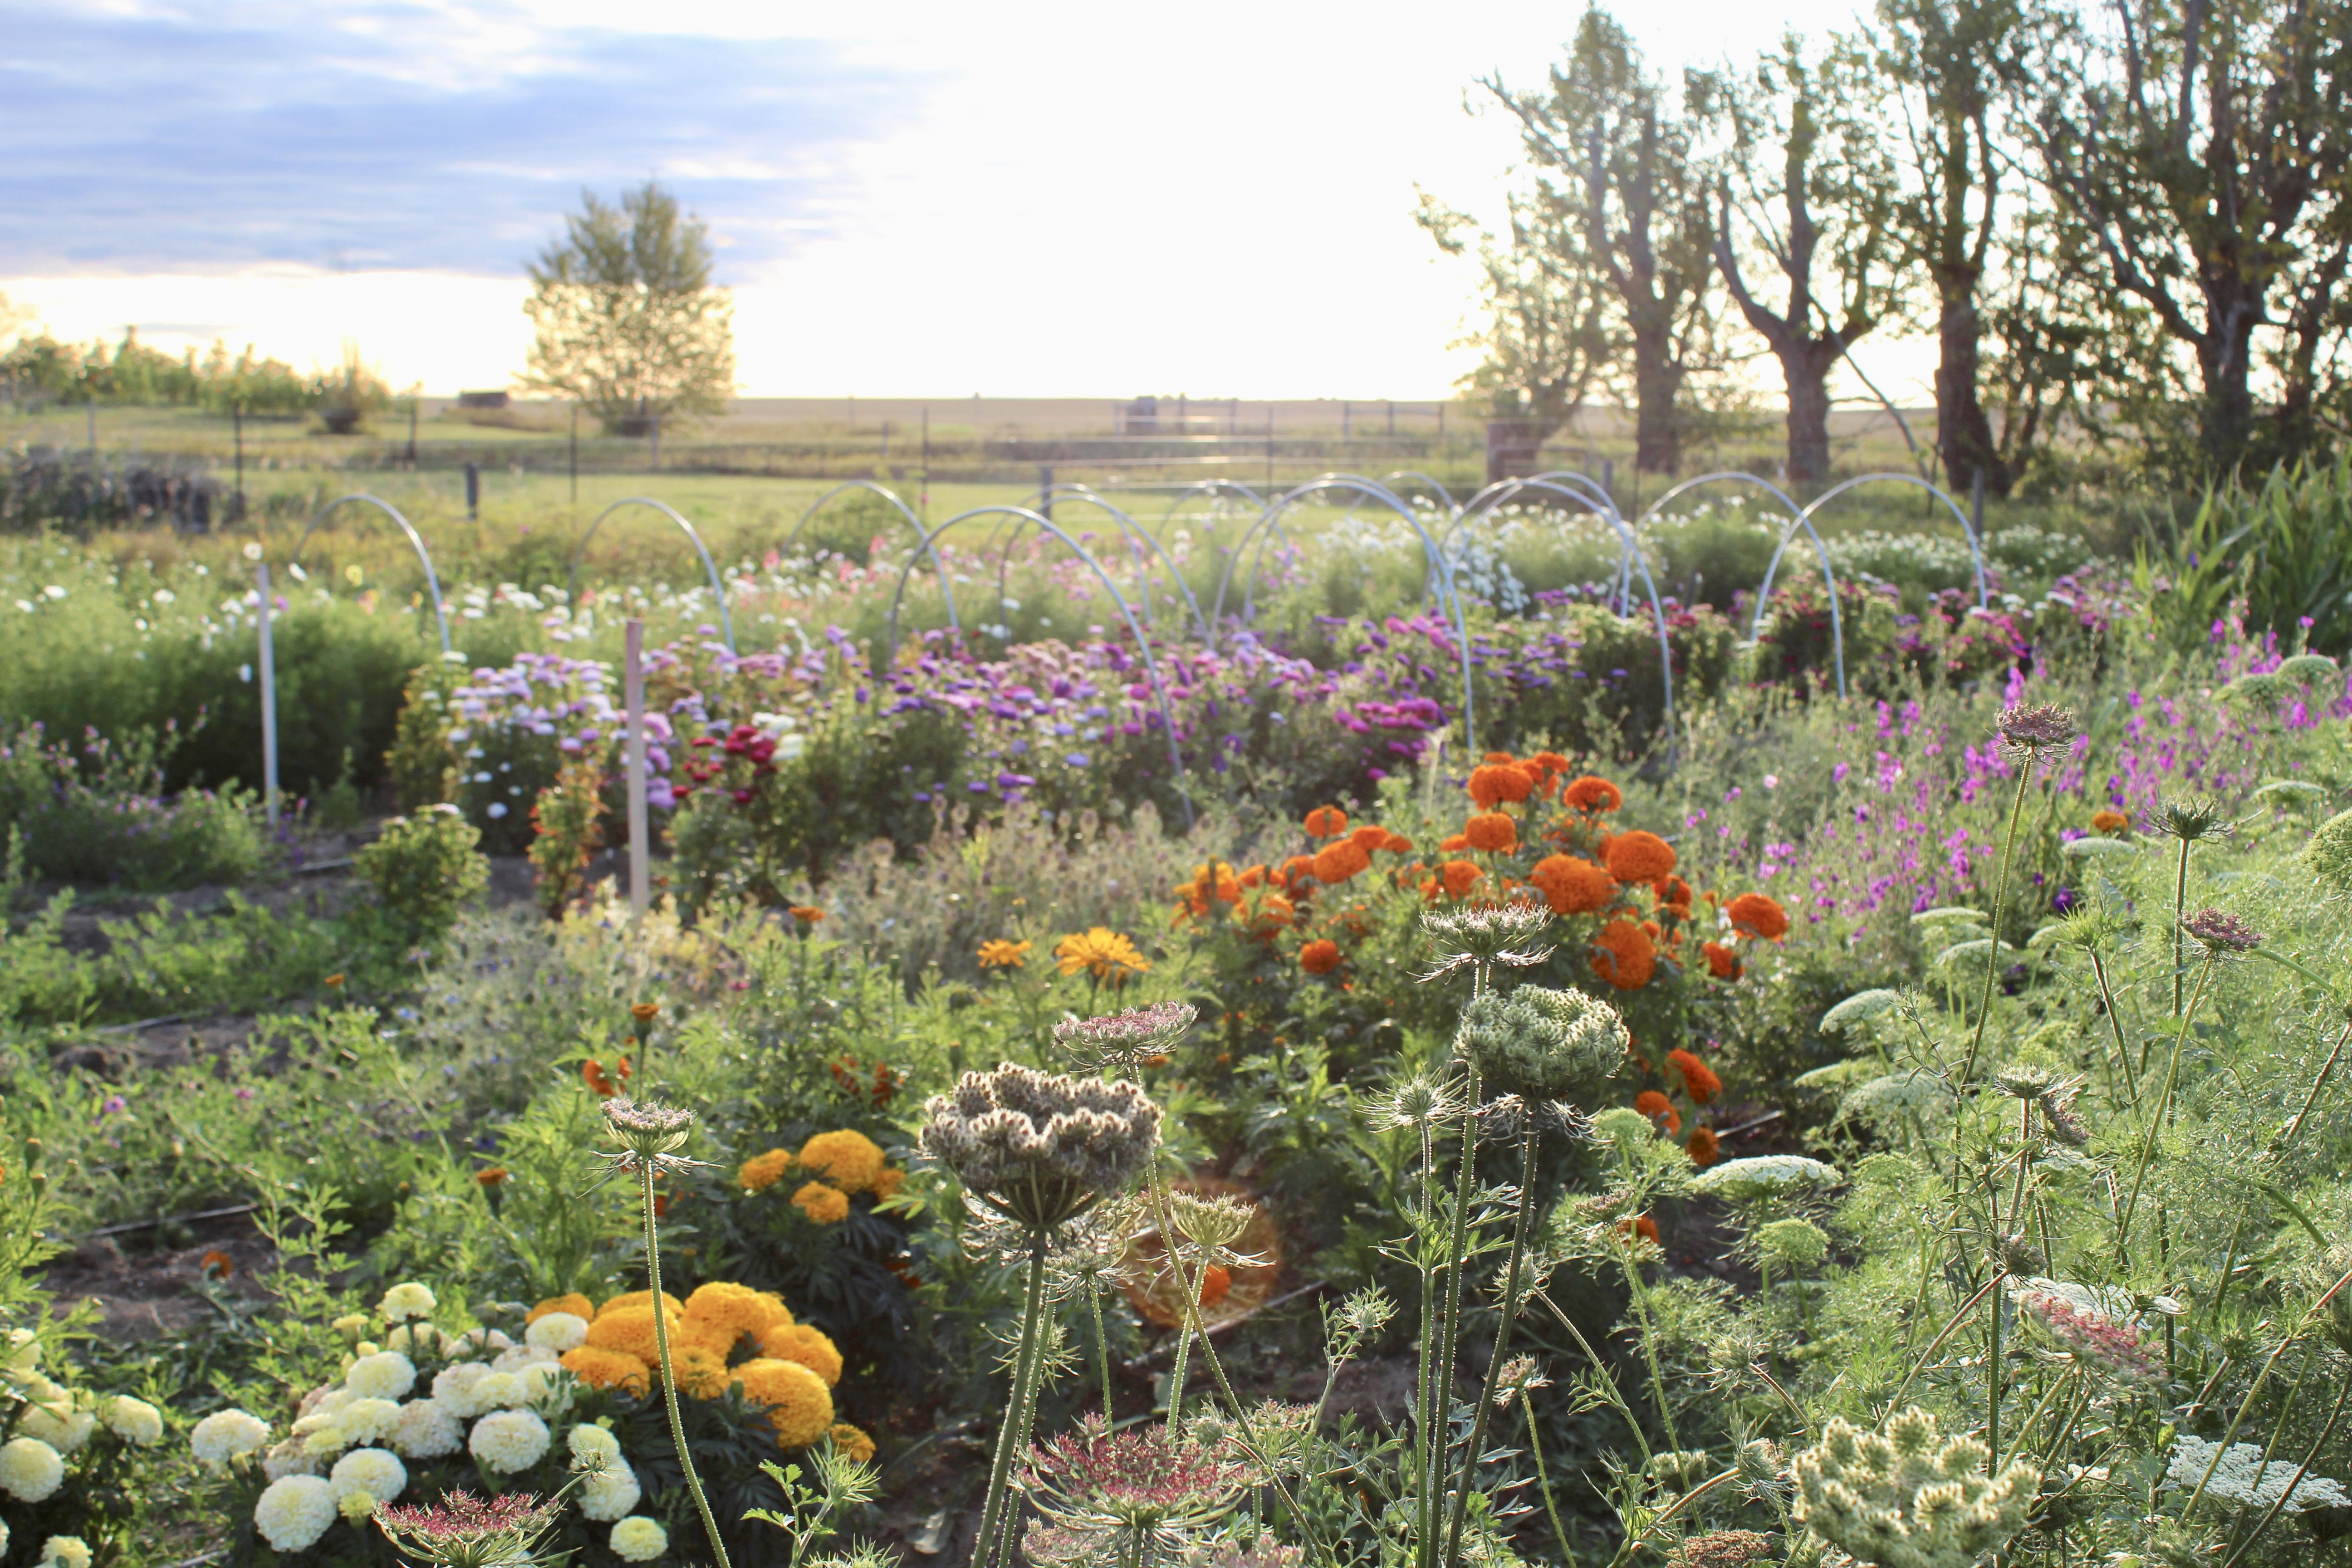 Mid summer flower field, 2019.